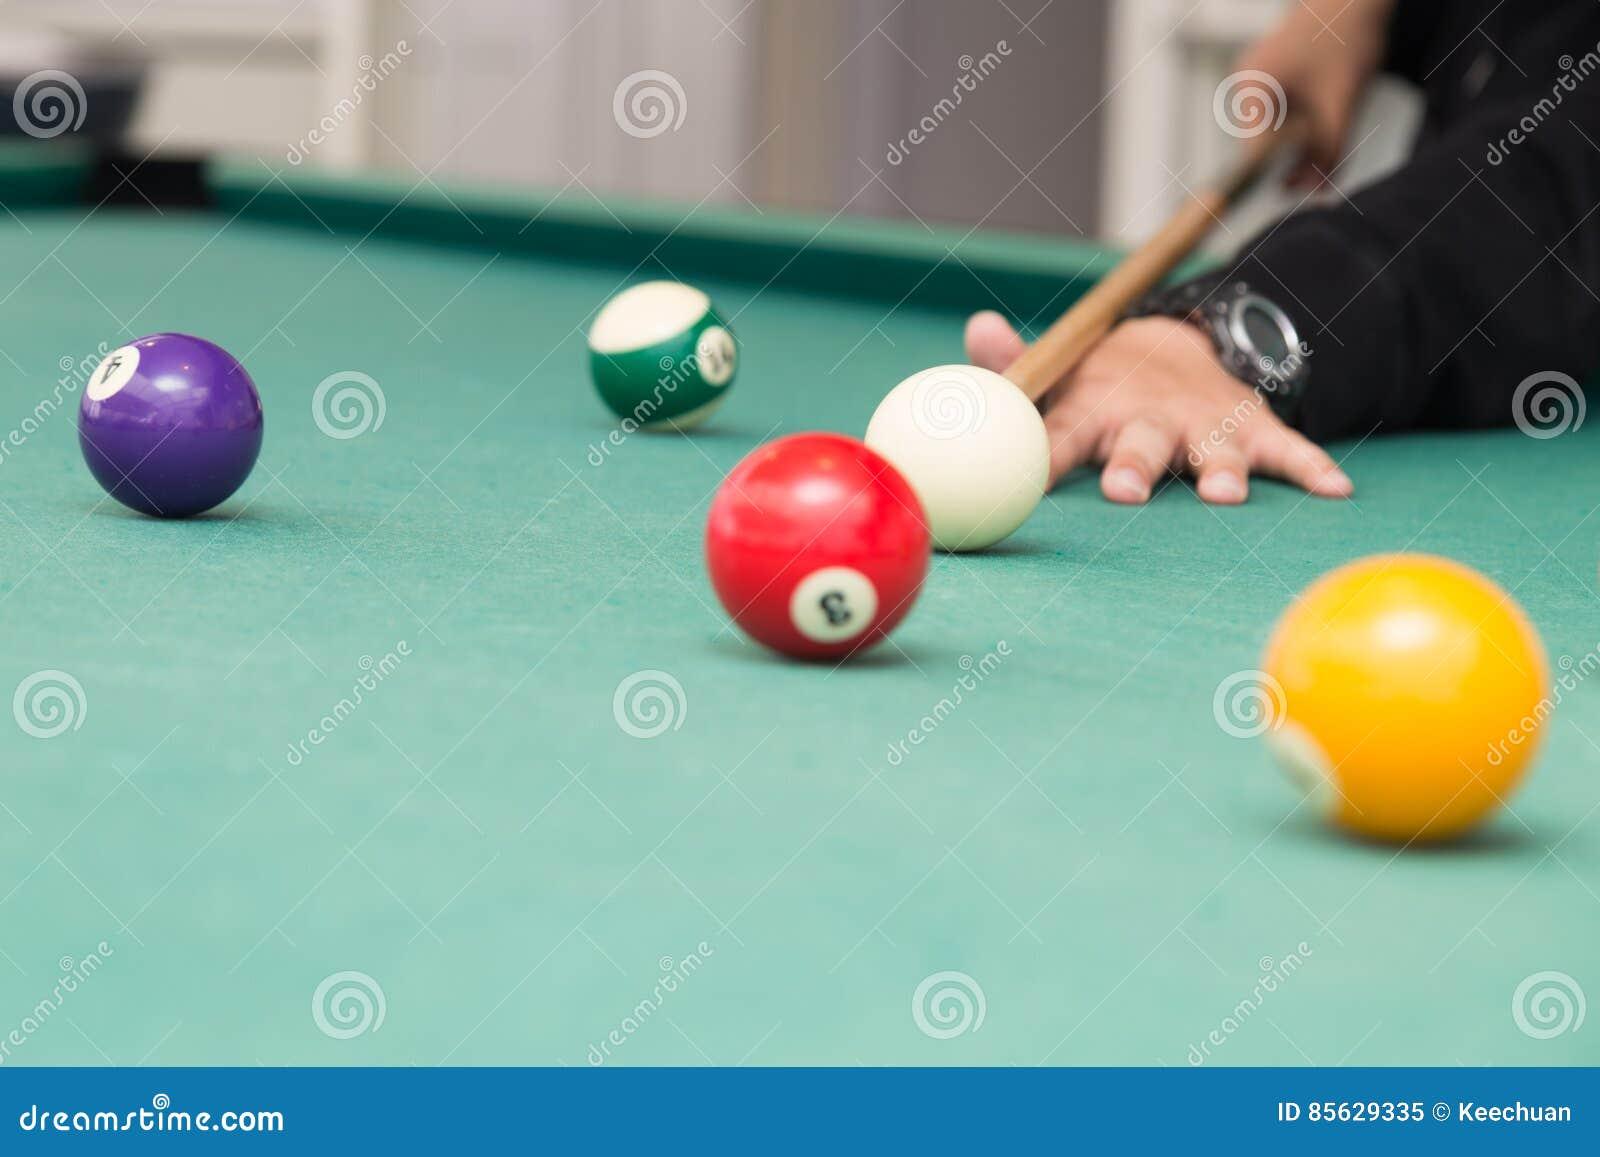 Cue apontar a bola vermelha no bolso da tabela dos billards da sinuca